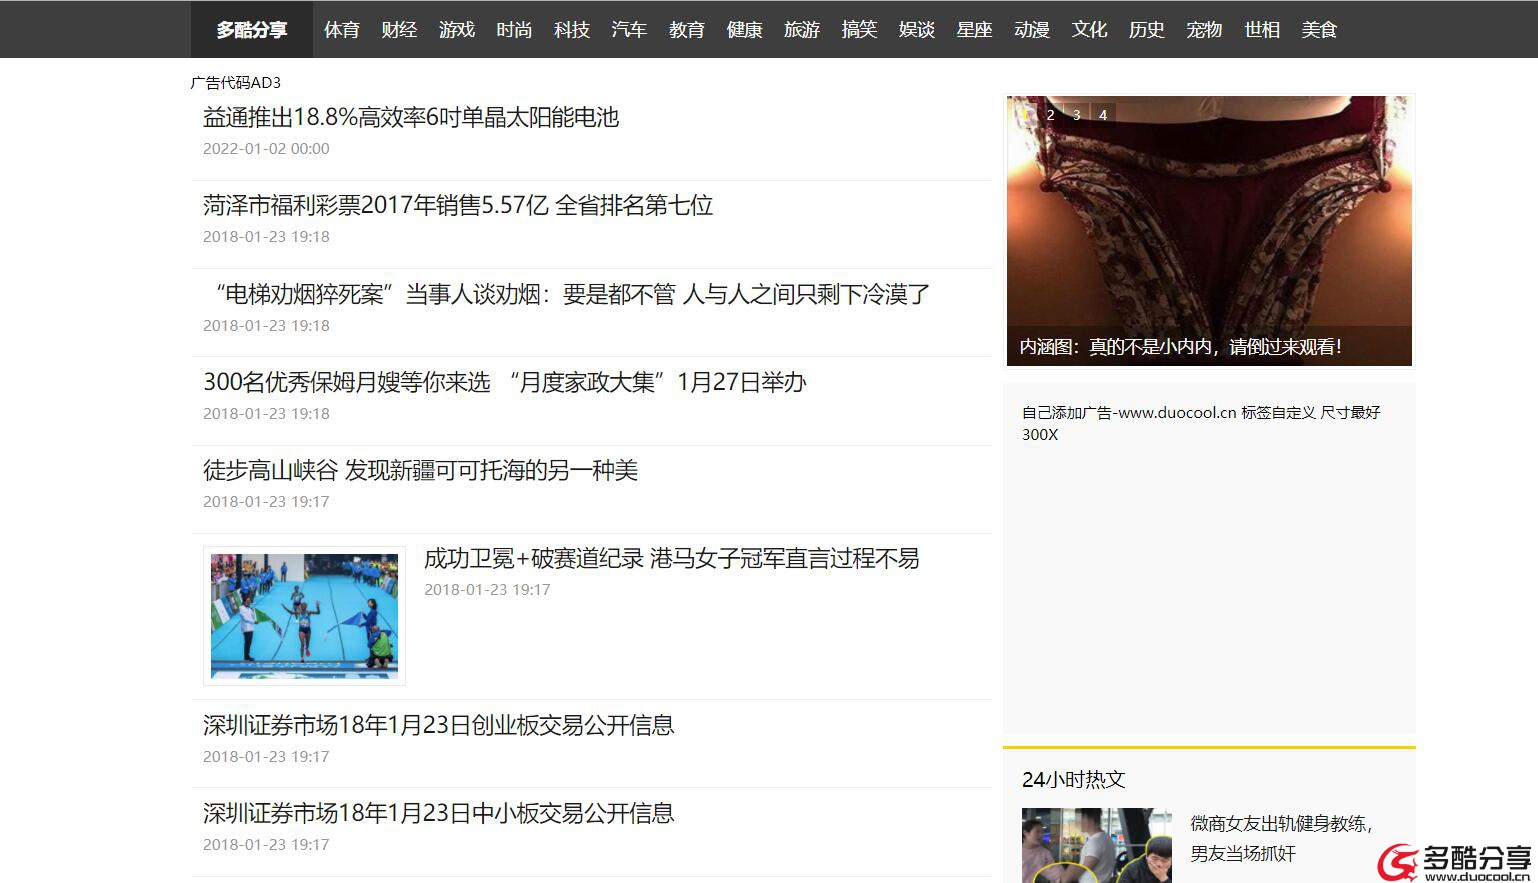 【源码分享】新闻小偷采集站源码,自动更新。多酷分享-Www.DuoCooL.Cn